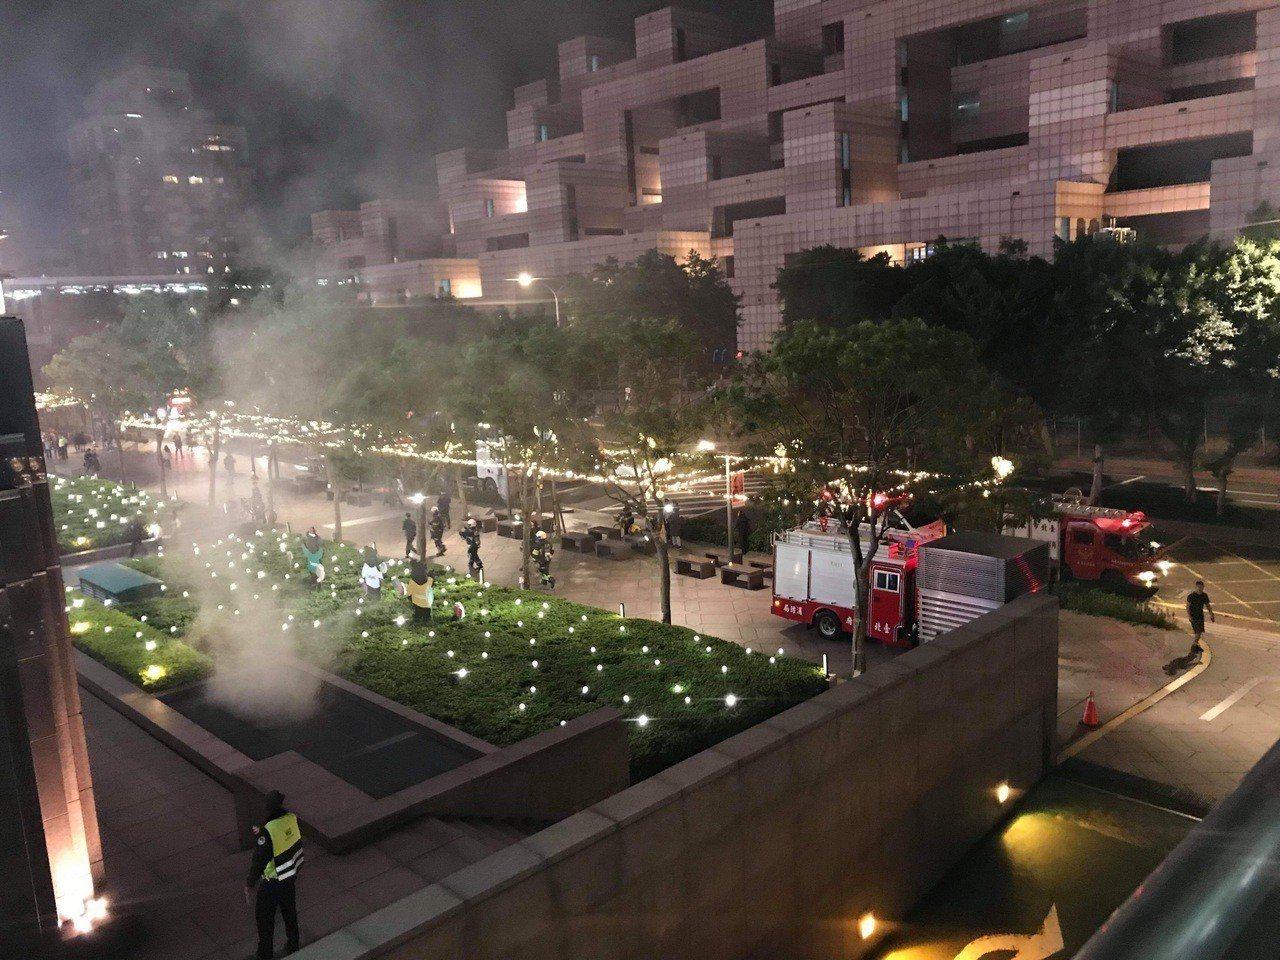 台北101晚間傳出火警,先前消防車獲報馳往,目前正在了解原因。圖/讀者提供